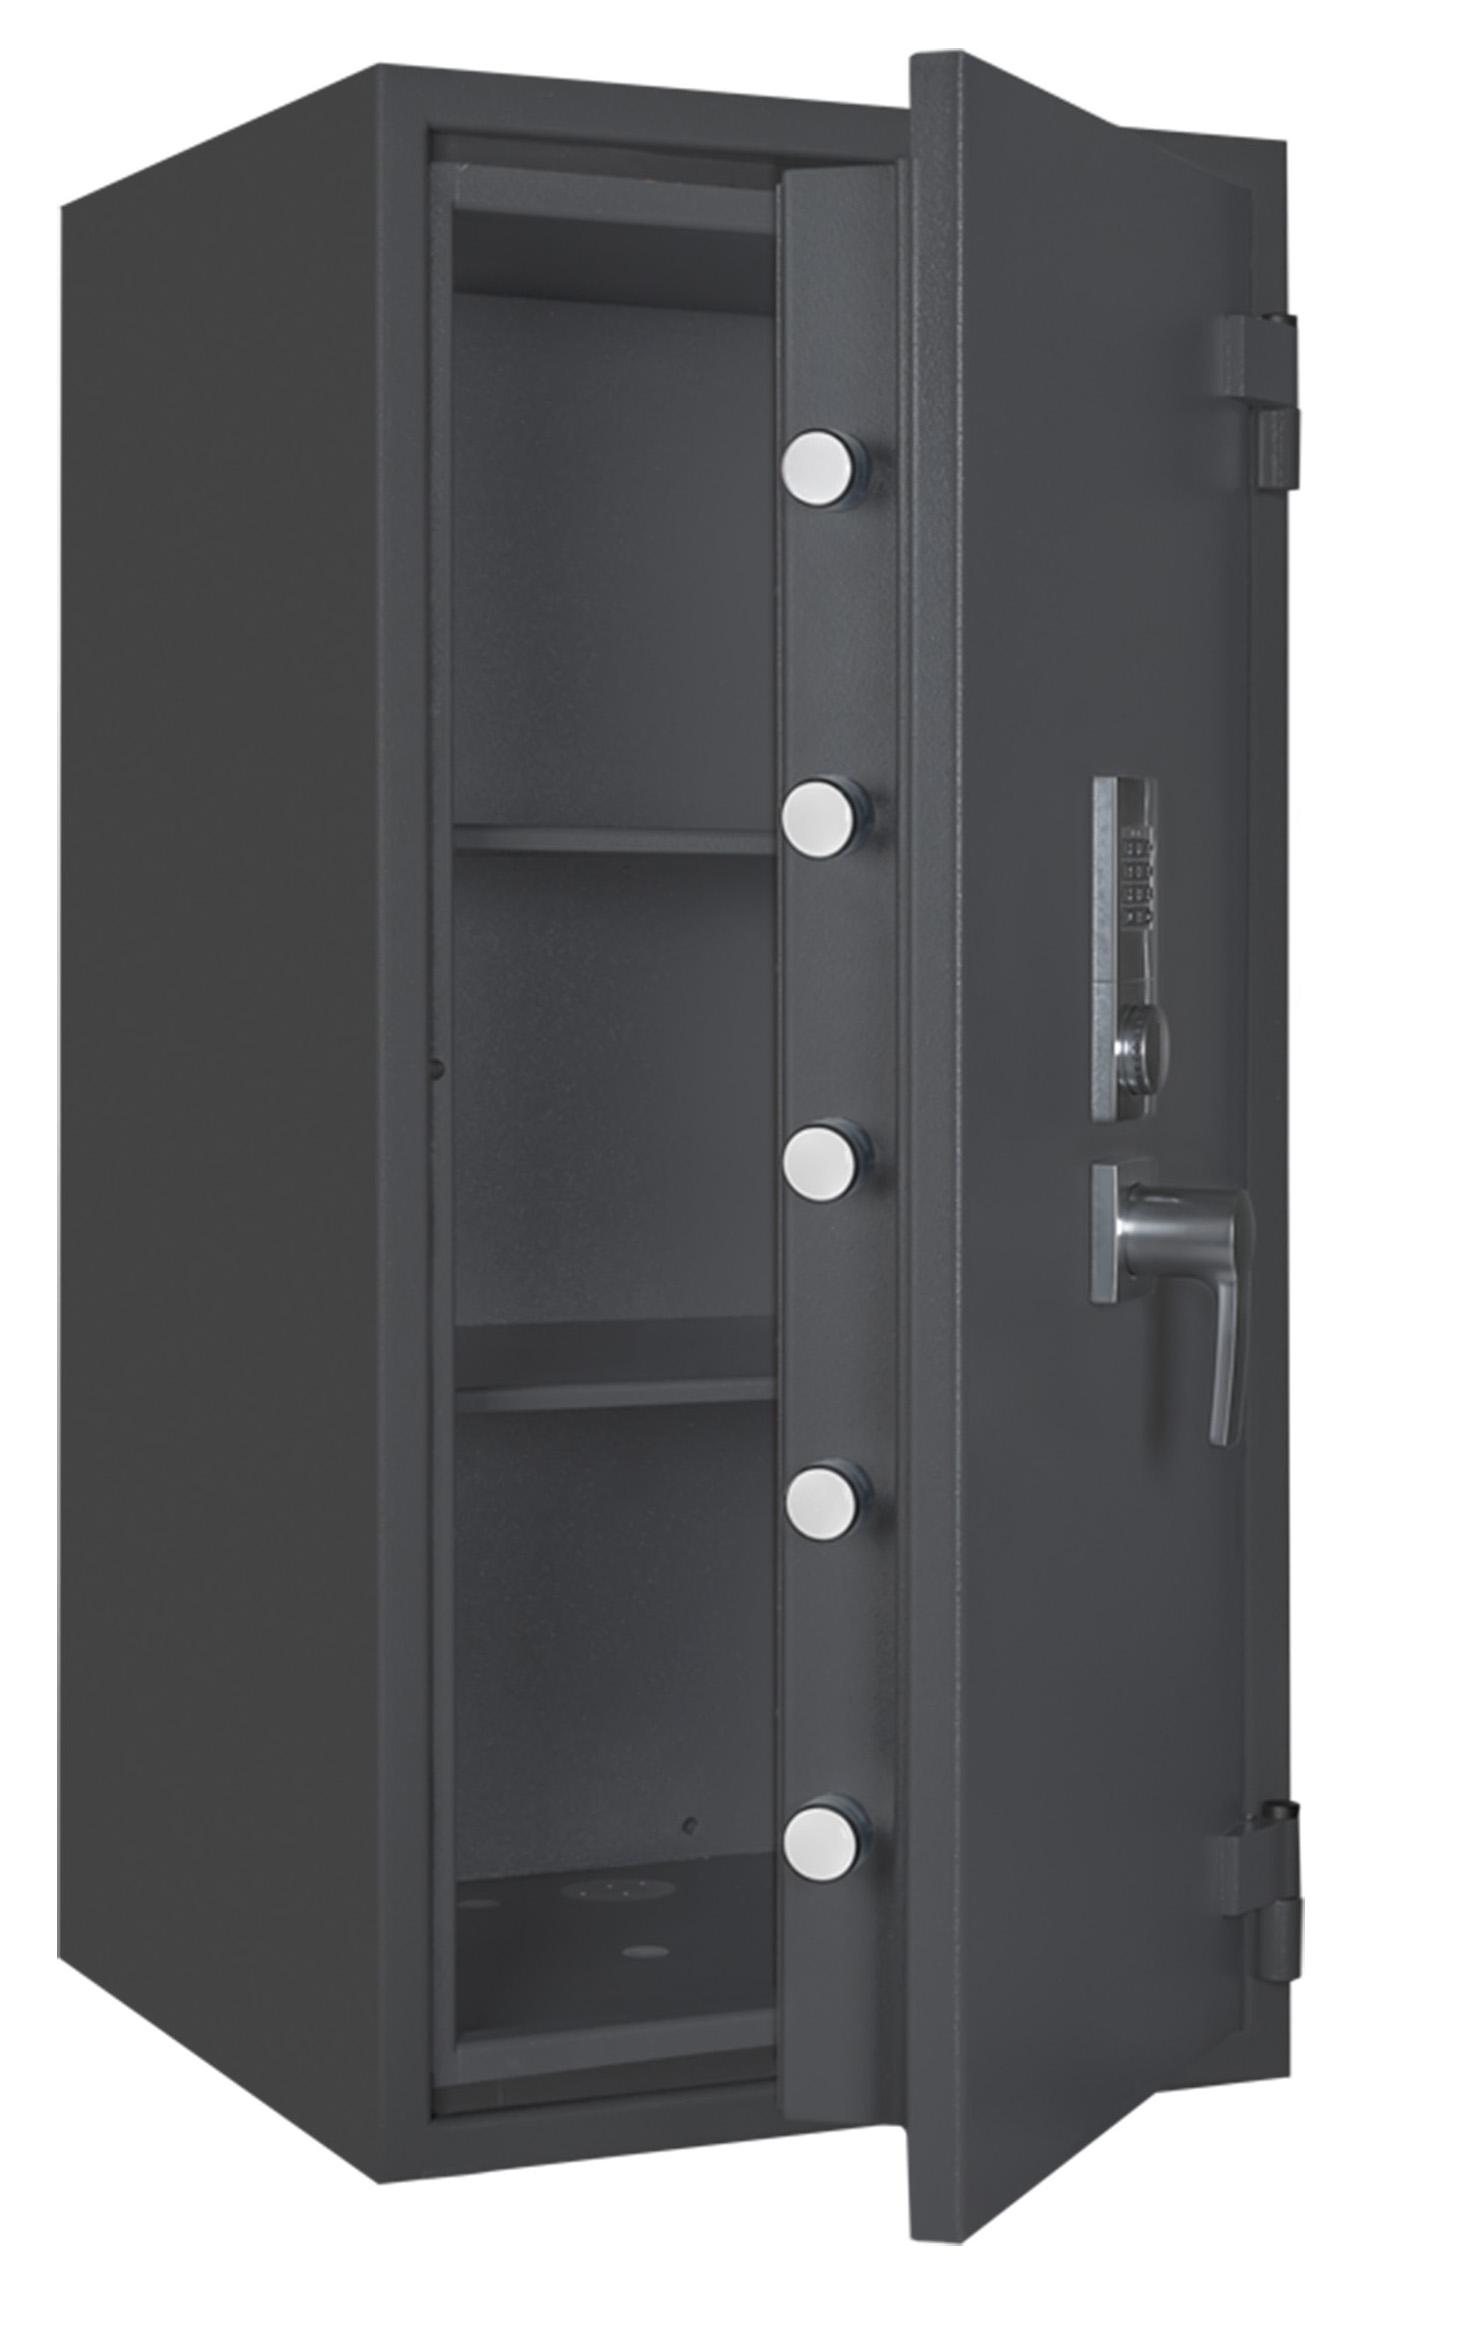 format wertschutzresor wertschutzschrank rubin pro 45 t tresor vds klasse 3 widerstandsgrad en. Black Bedroom Furniture Sets. Home Design Ideas